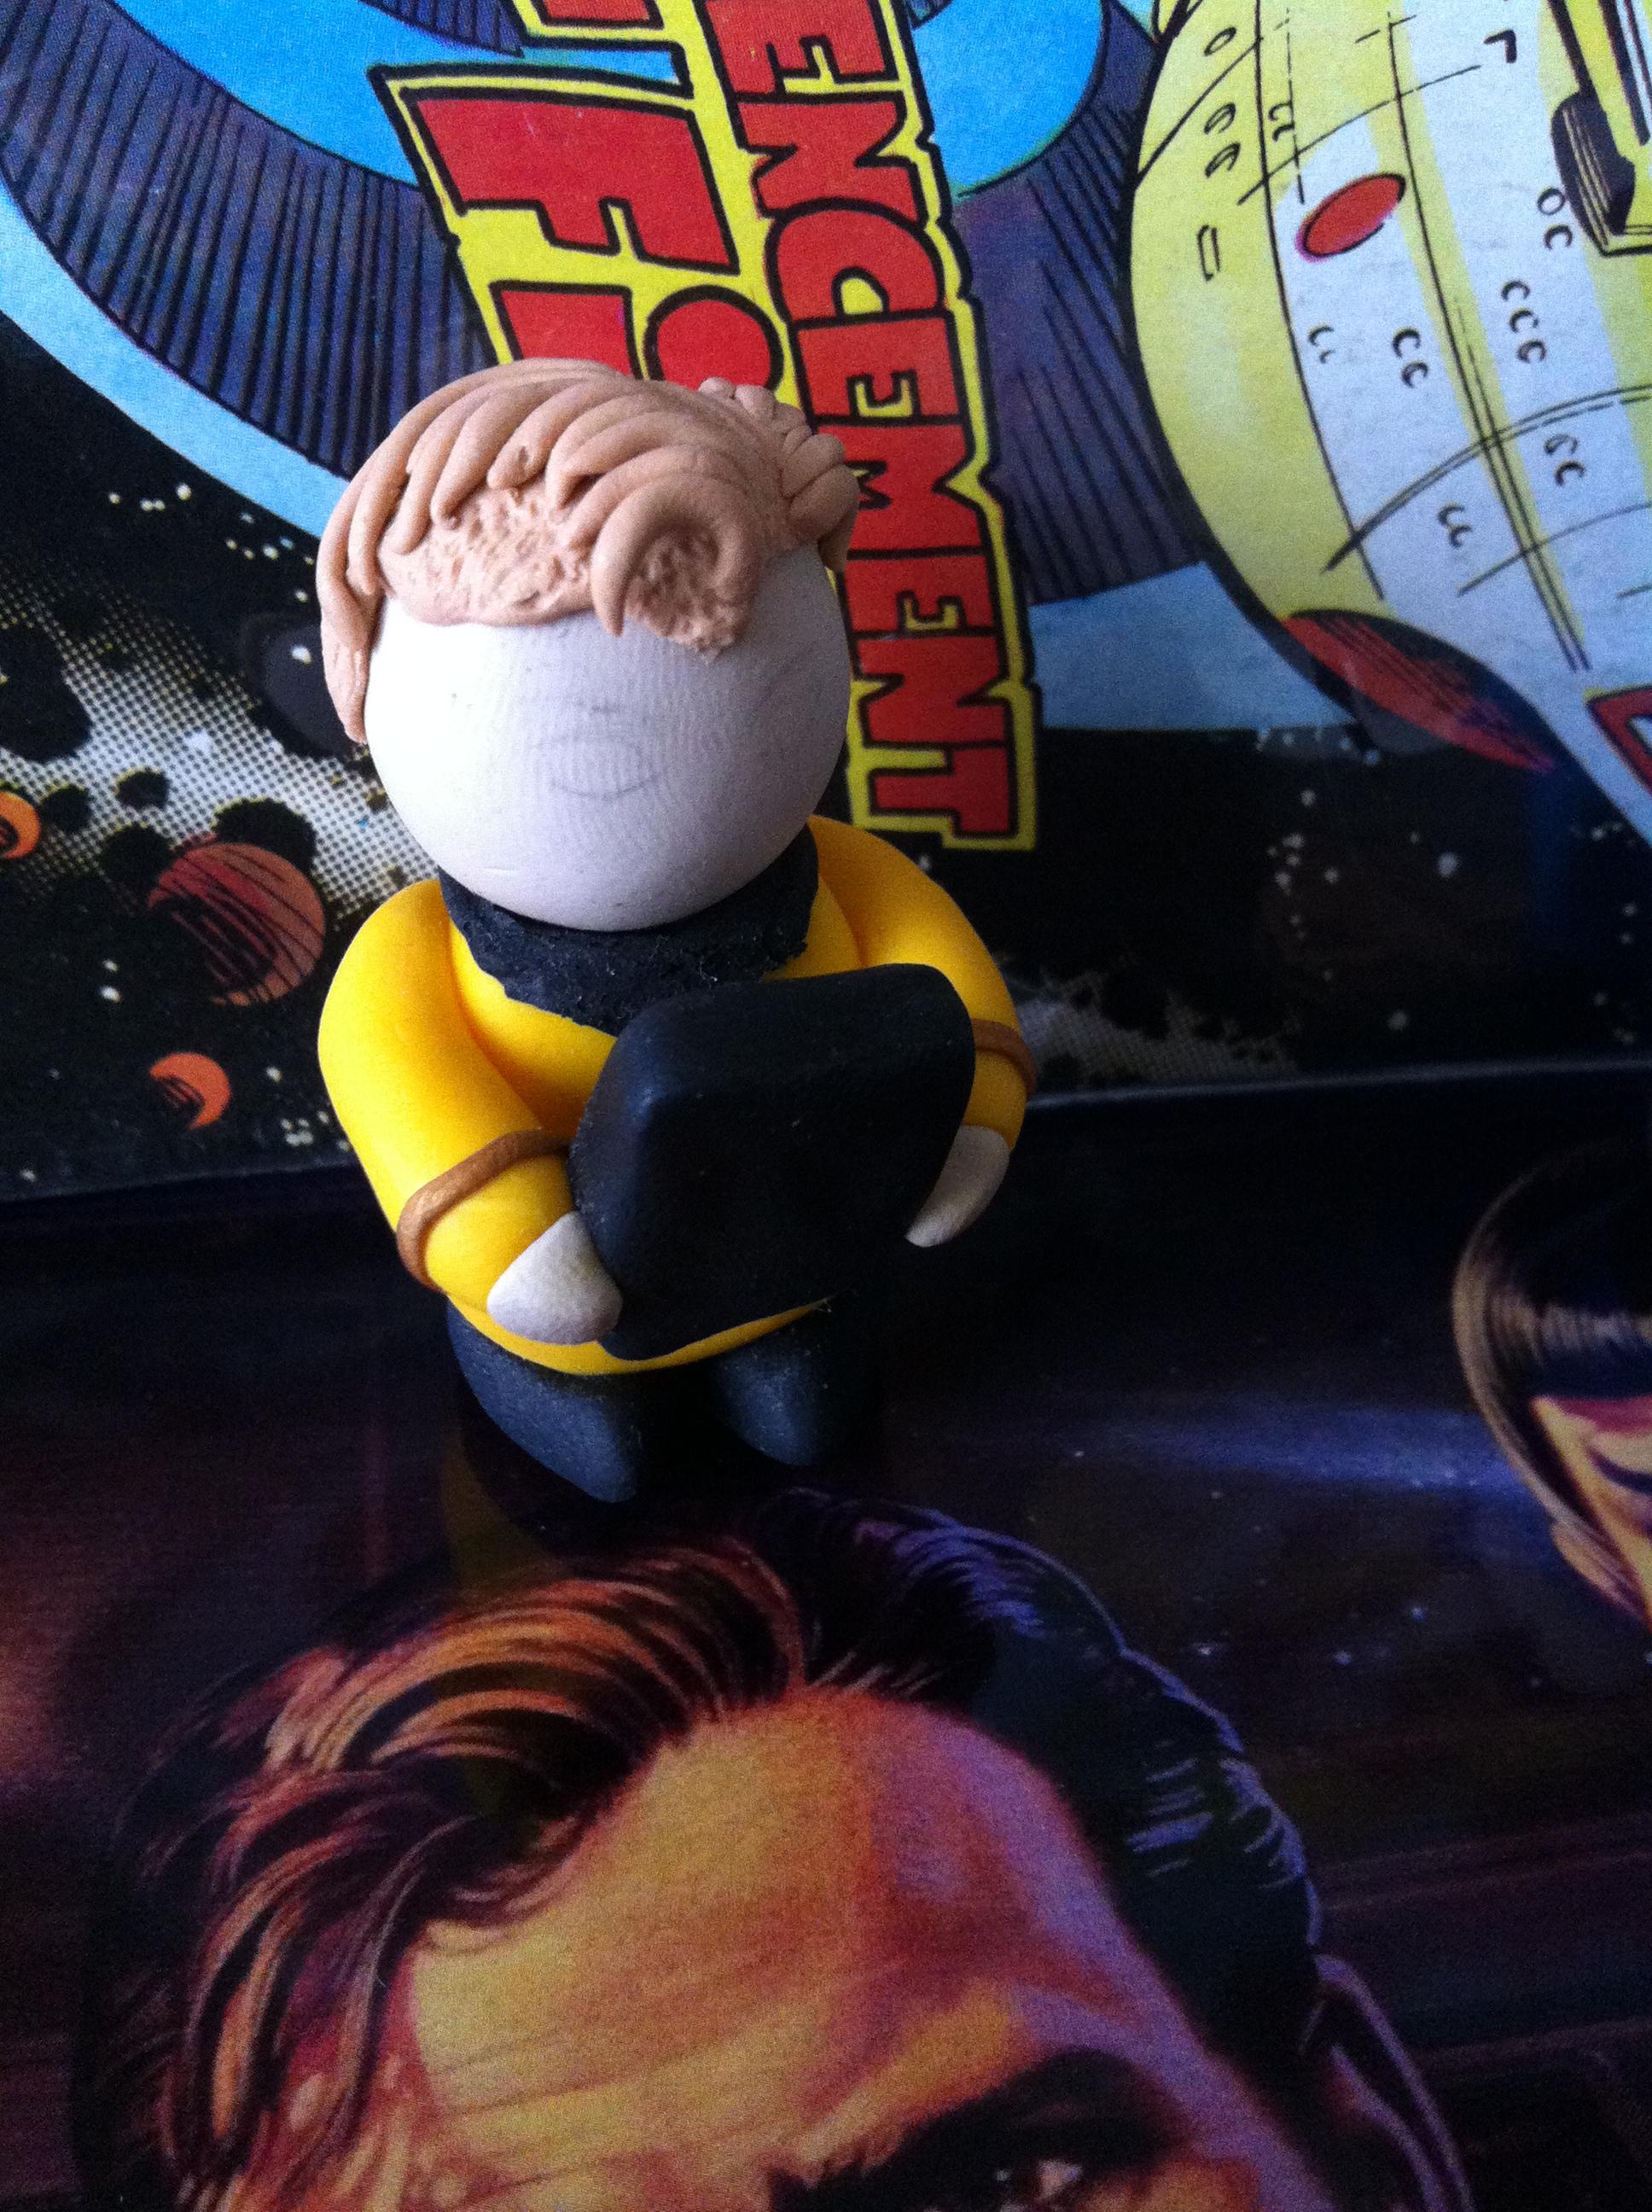 Personnages Fimo Star Trek DI9JVkuWIkr306xoobgHRt8Ct-M